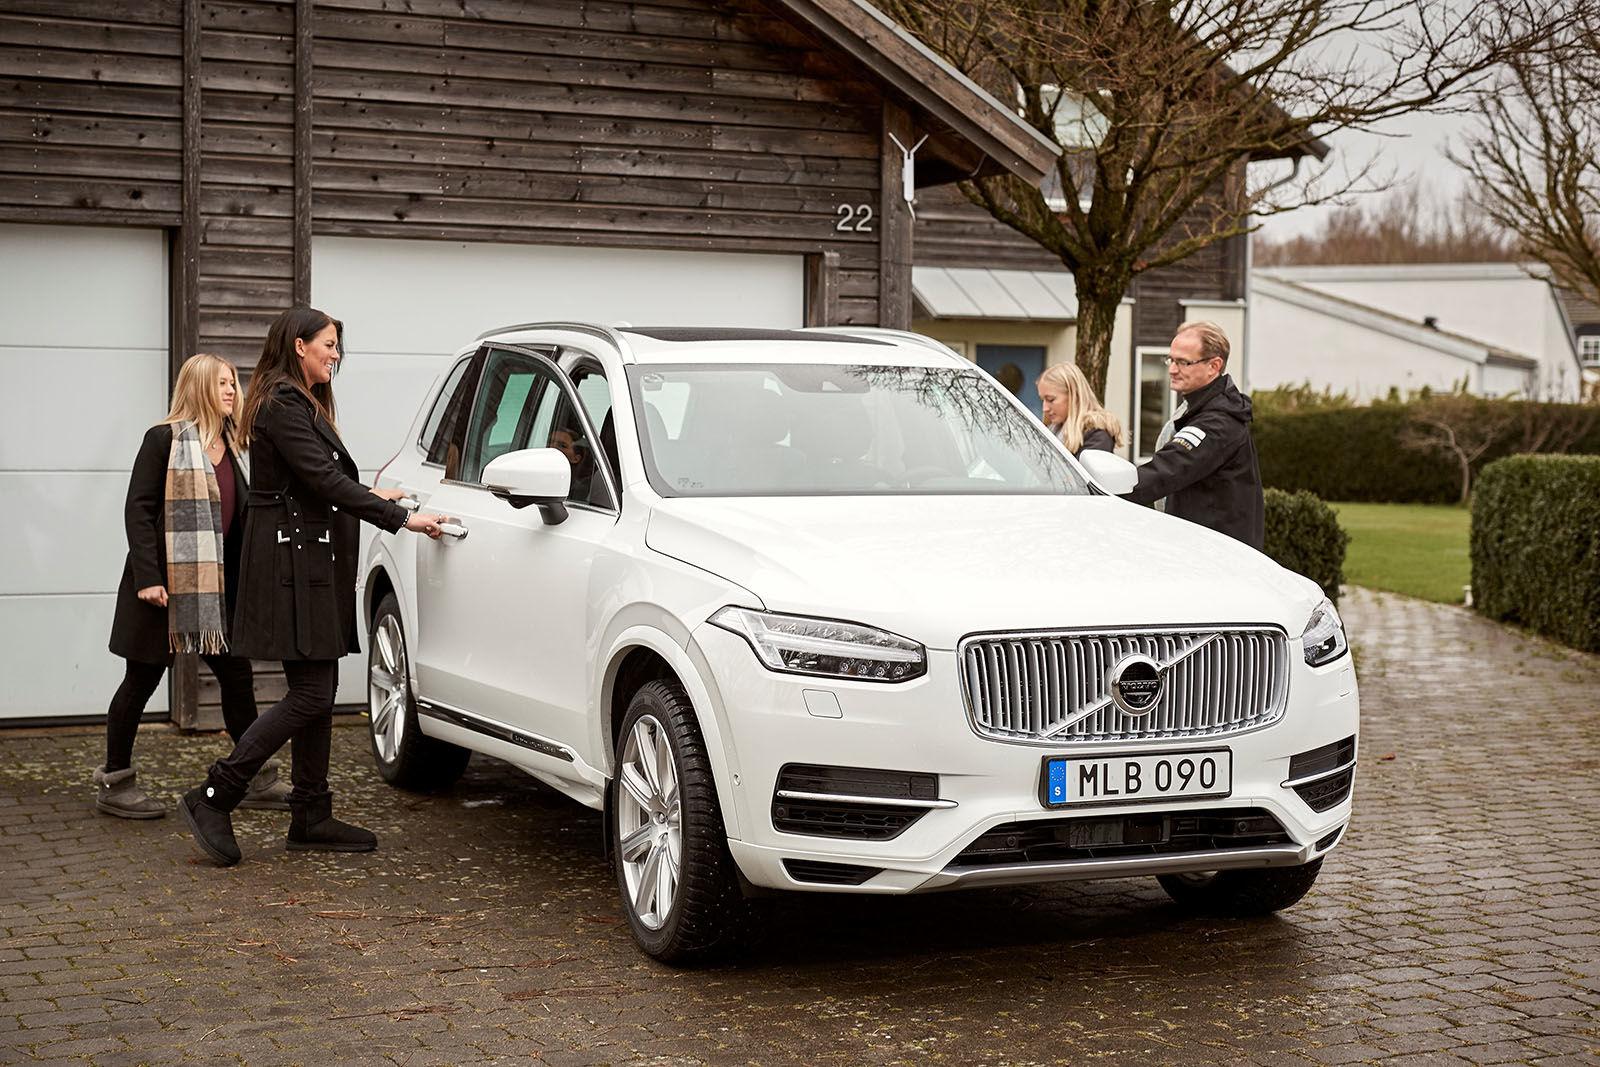 Volvo испытывает беспилотные машины на шведских семьях 3